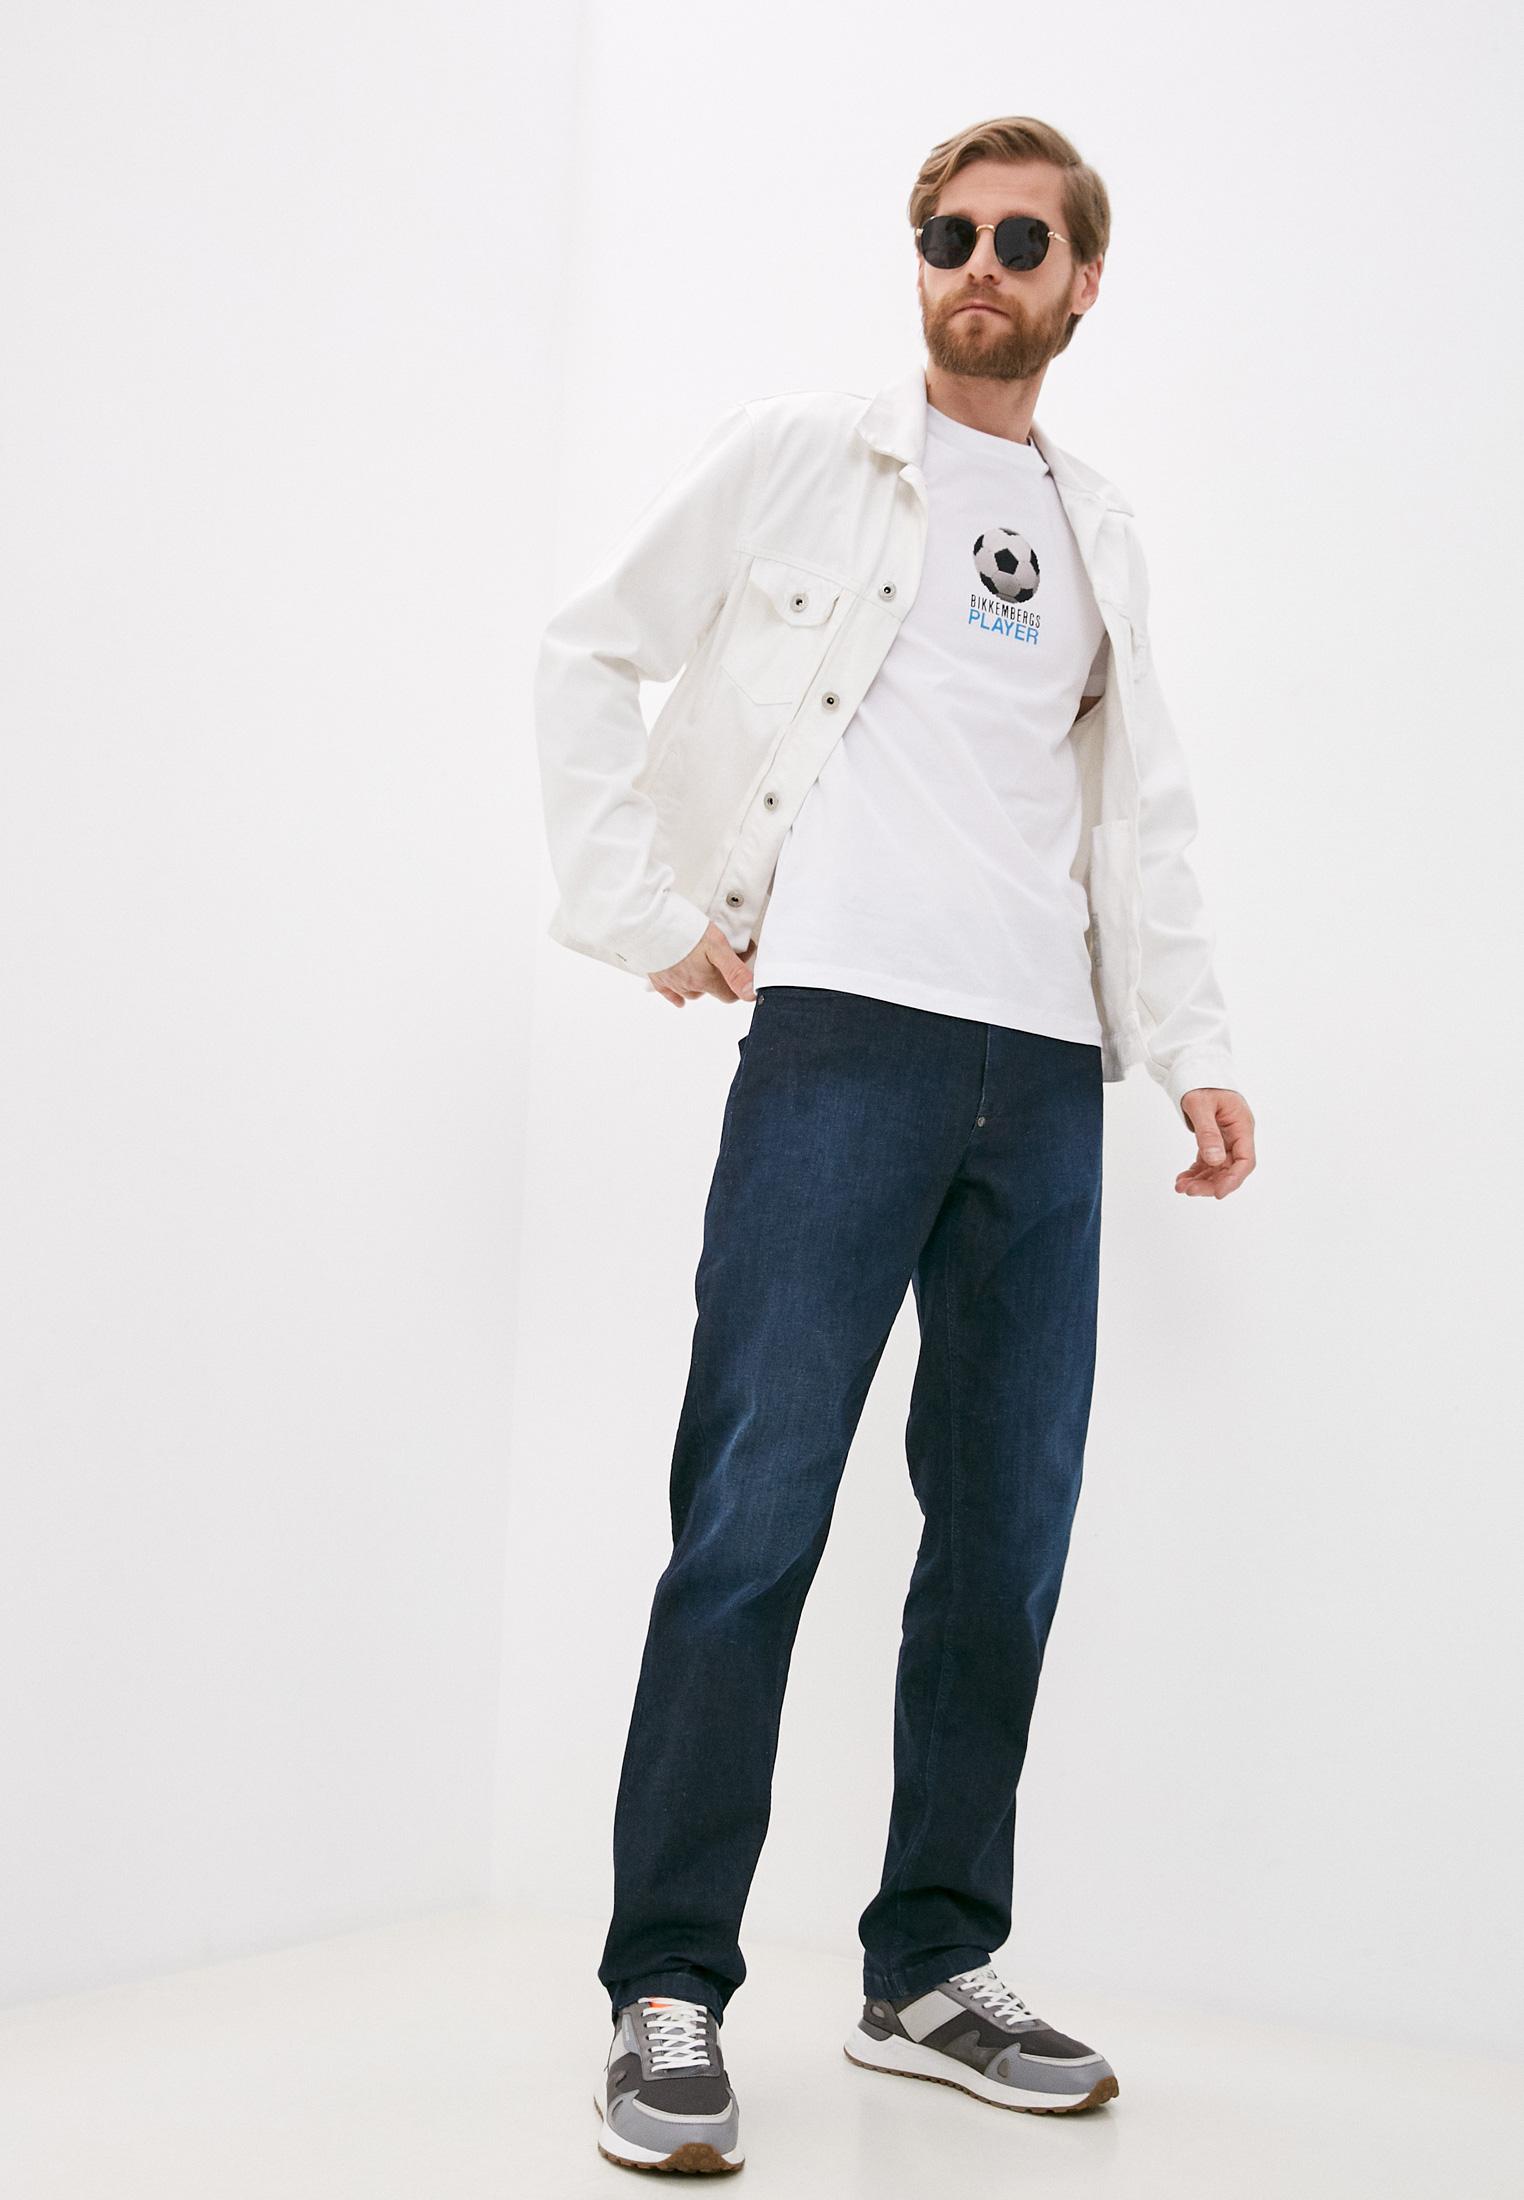 Мужские прямые джинсы Bikkembergs (Биккембергс) C Q 102 22 S 3511: изображение 3